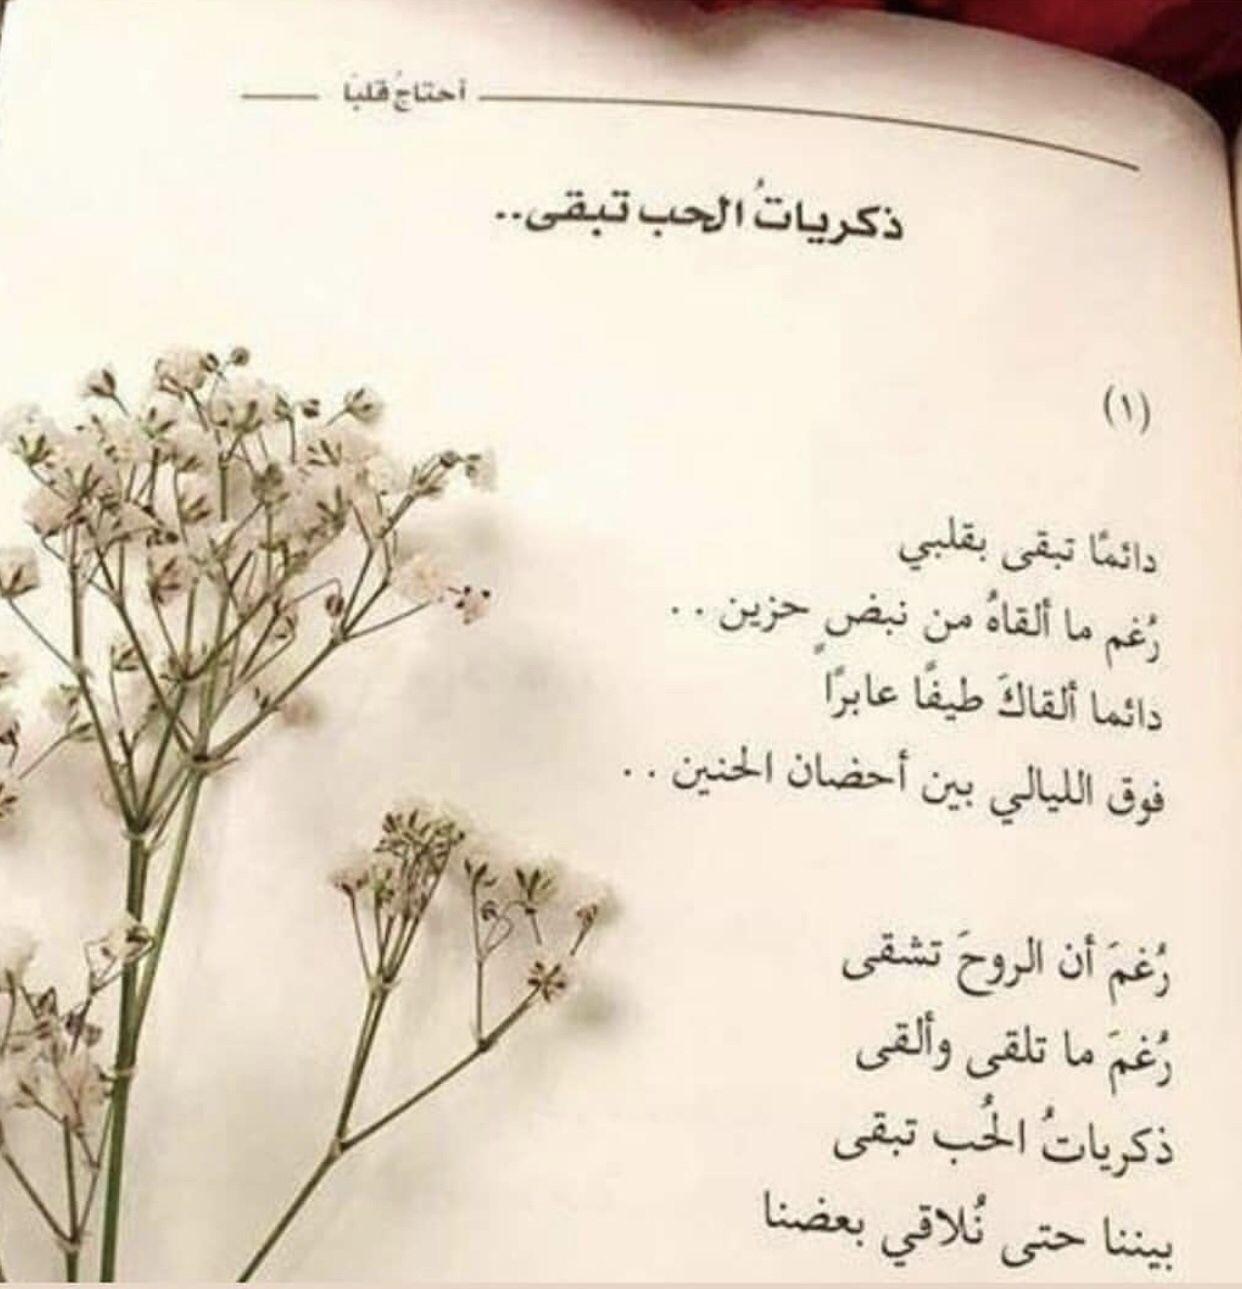 الحب يبقى Islamic Quotes Quran Amazing Quotes Arabic Quotes